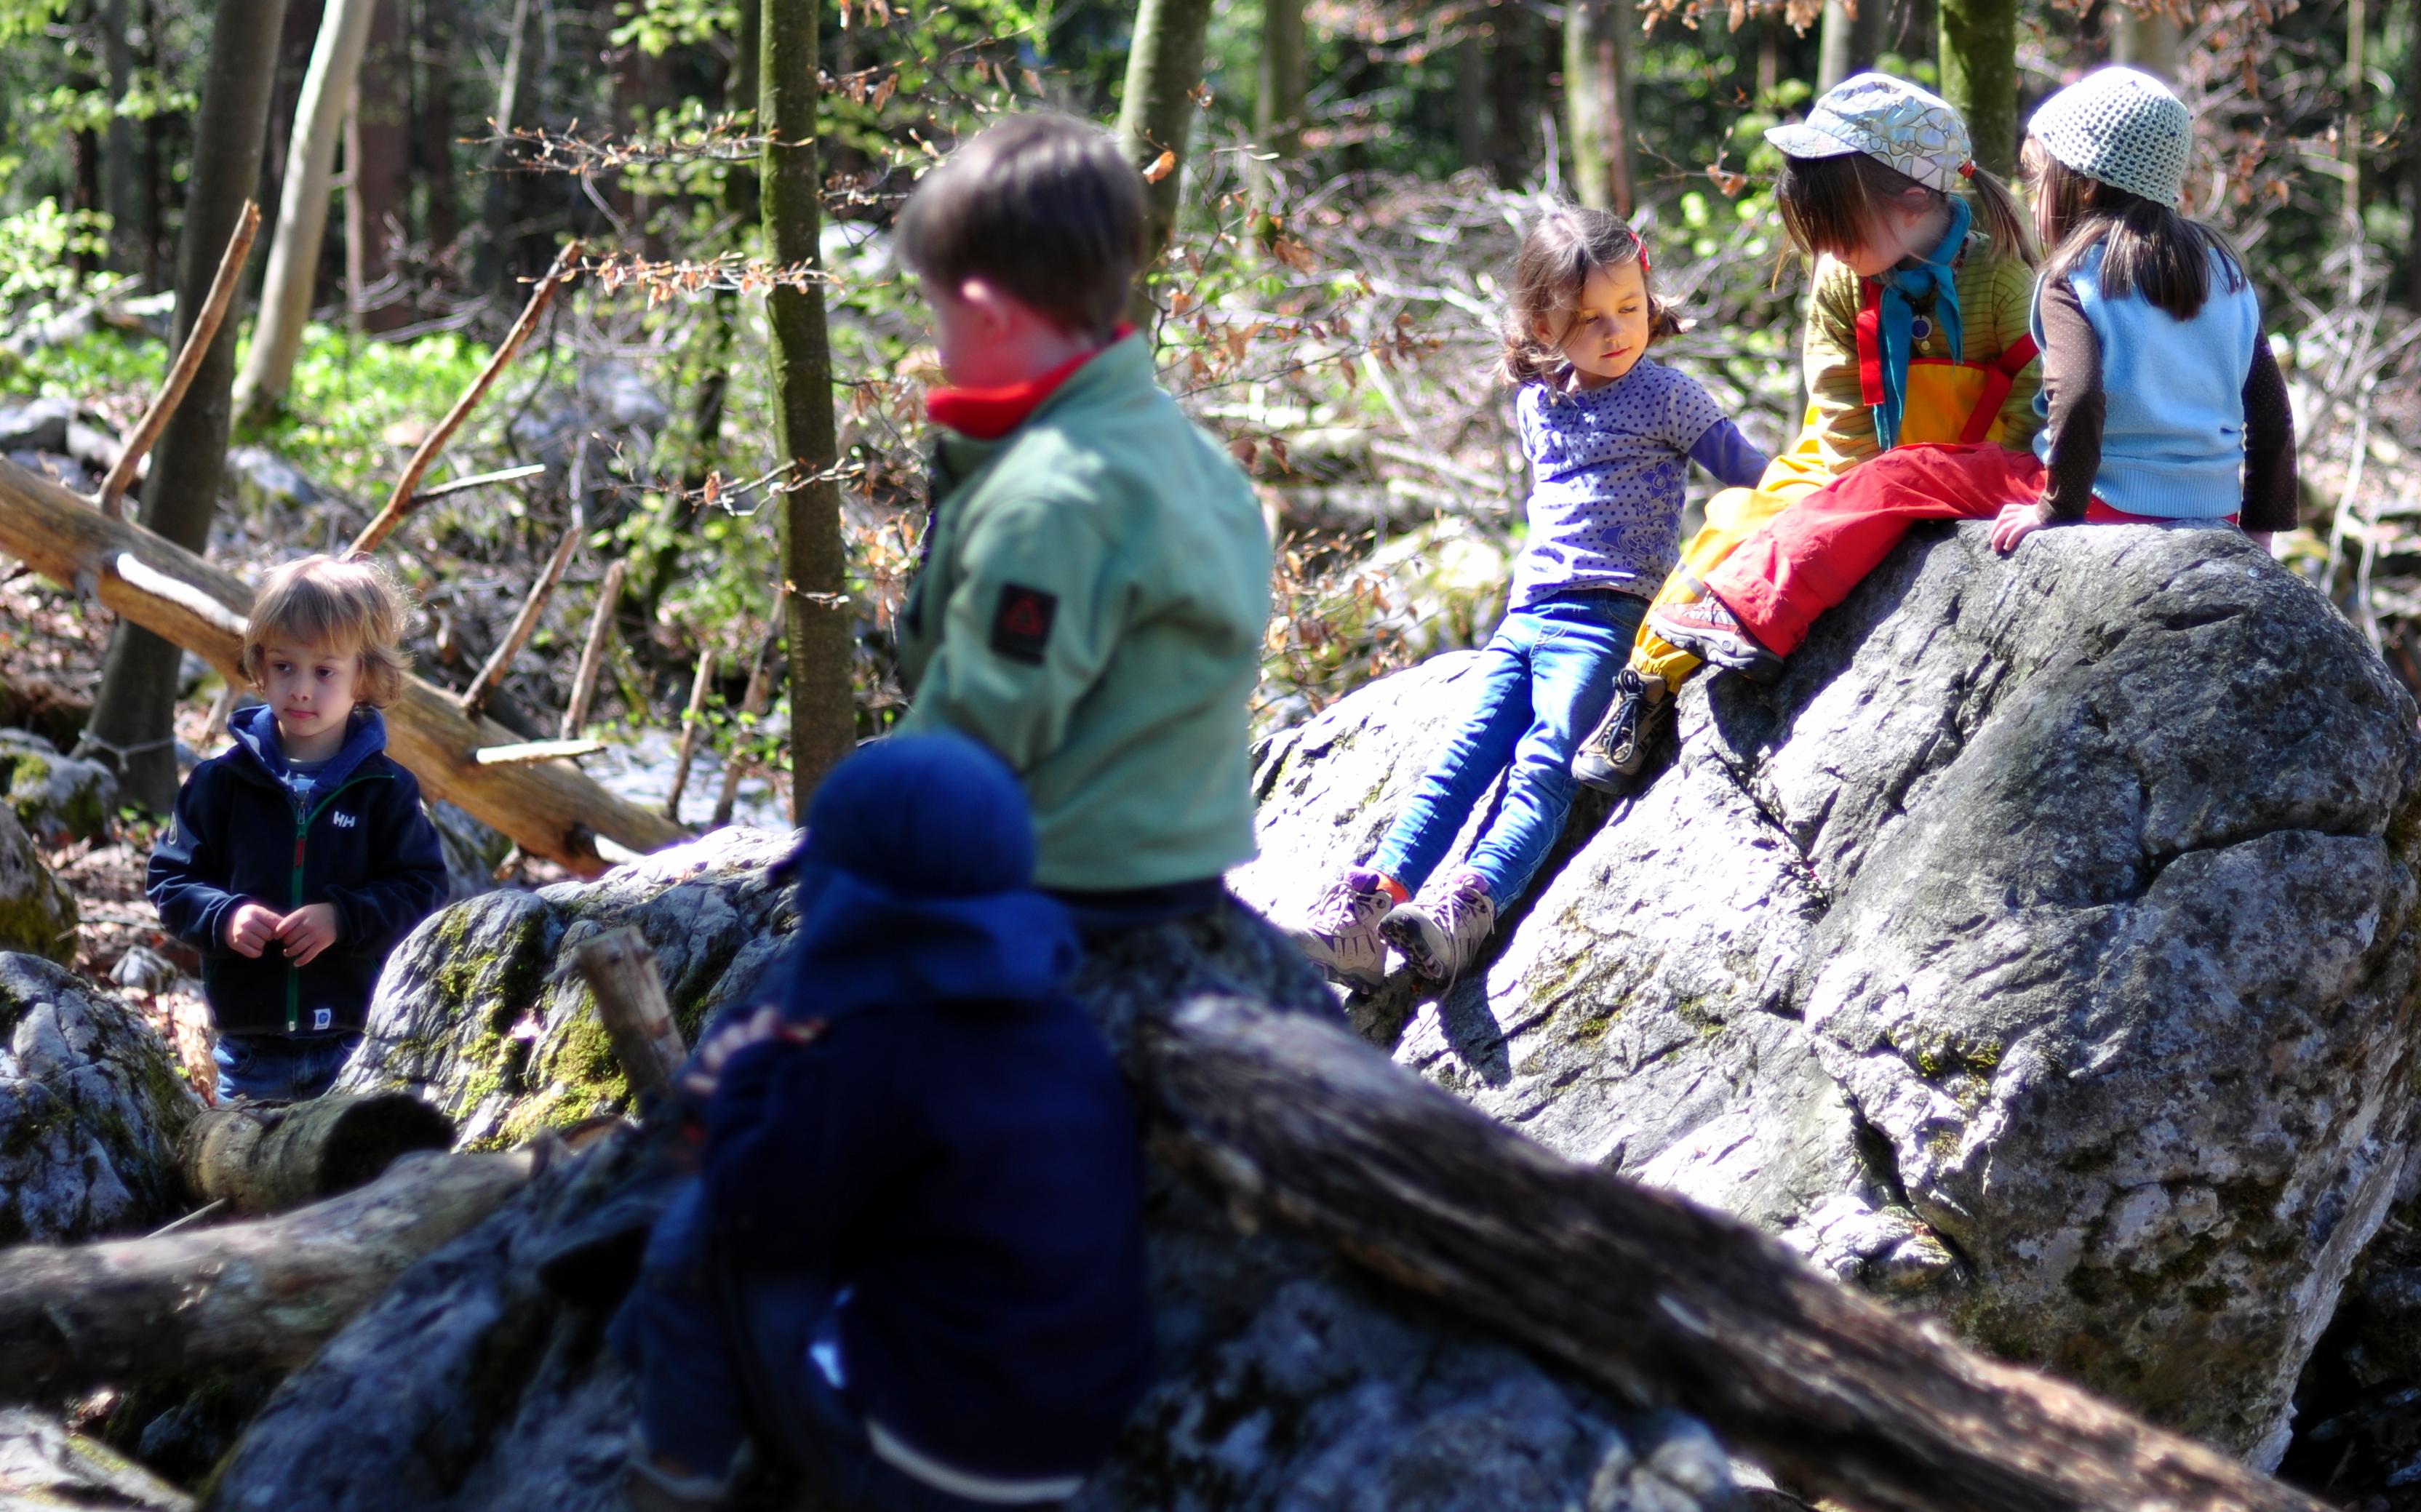 Freies gemeinsames Spiel in der Natur fördert die Vorstellungskraft, Unabhängigkeit und Kreativität der Kinder